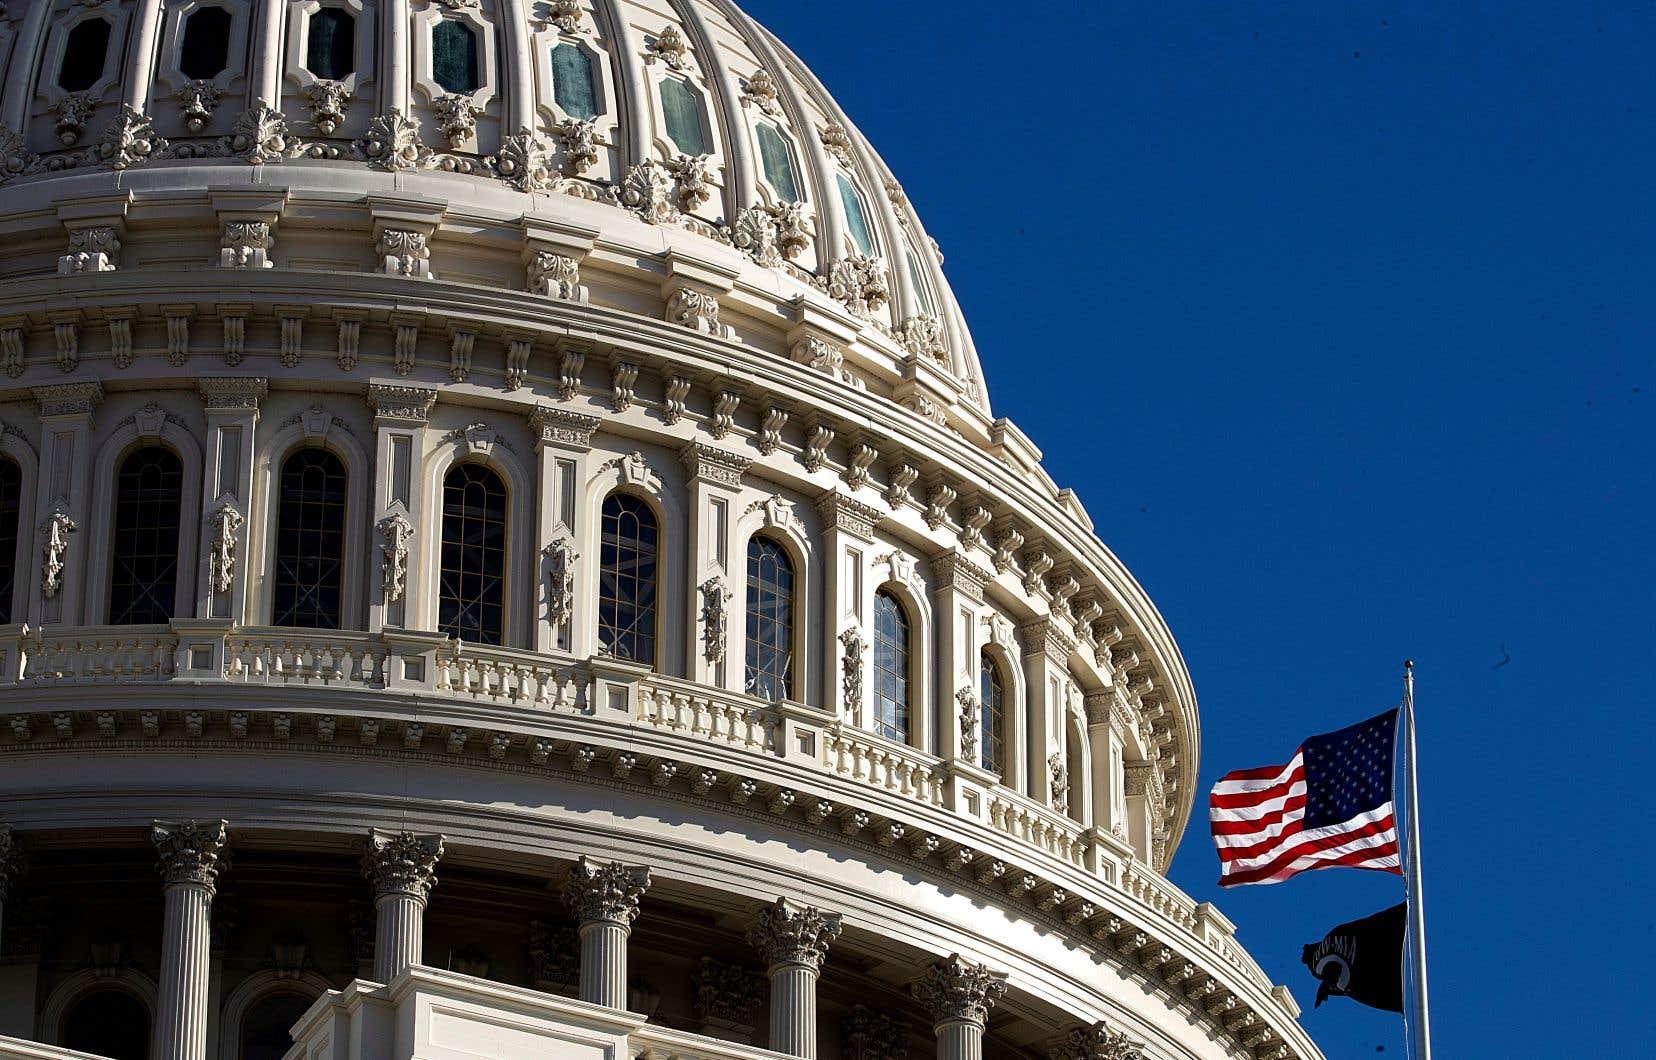 Cinq jours après avoir juré de rendre la justice de «manière impartiale», les 100 sénateurs se sont retrouvés au Capitole, siège du Congrès à Washington.